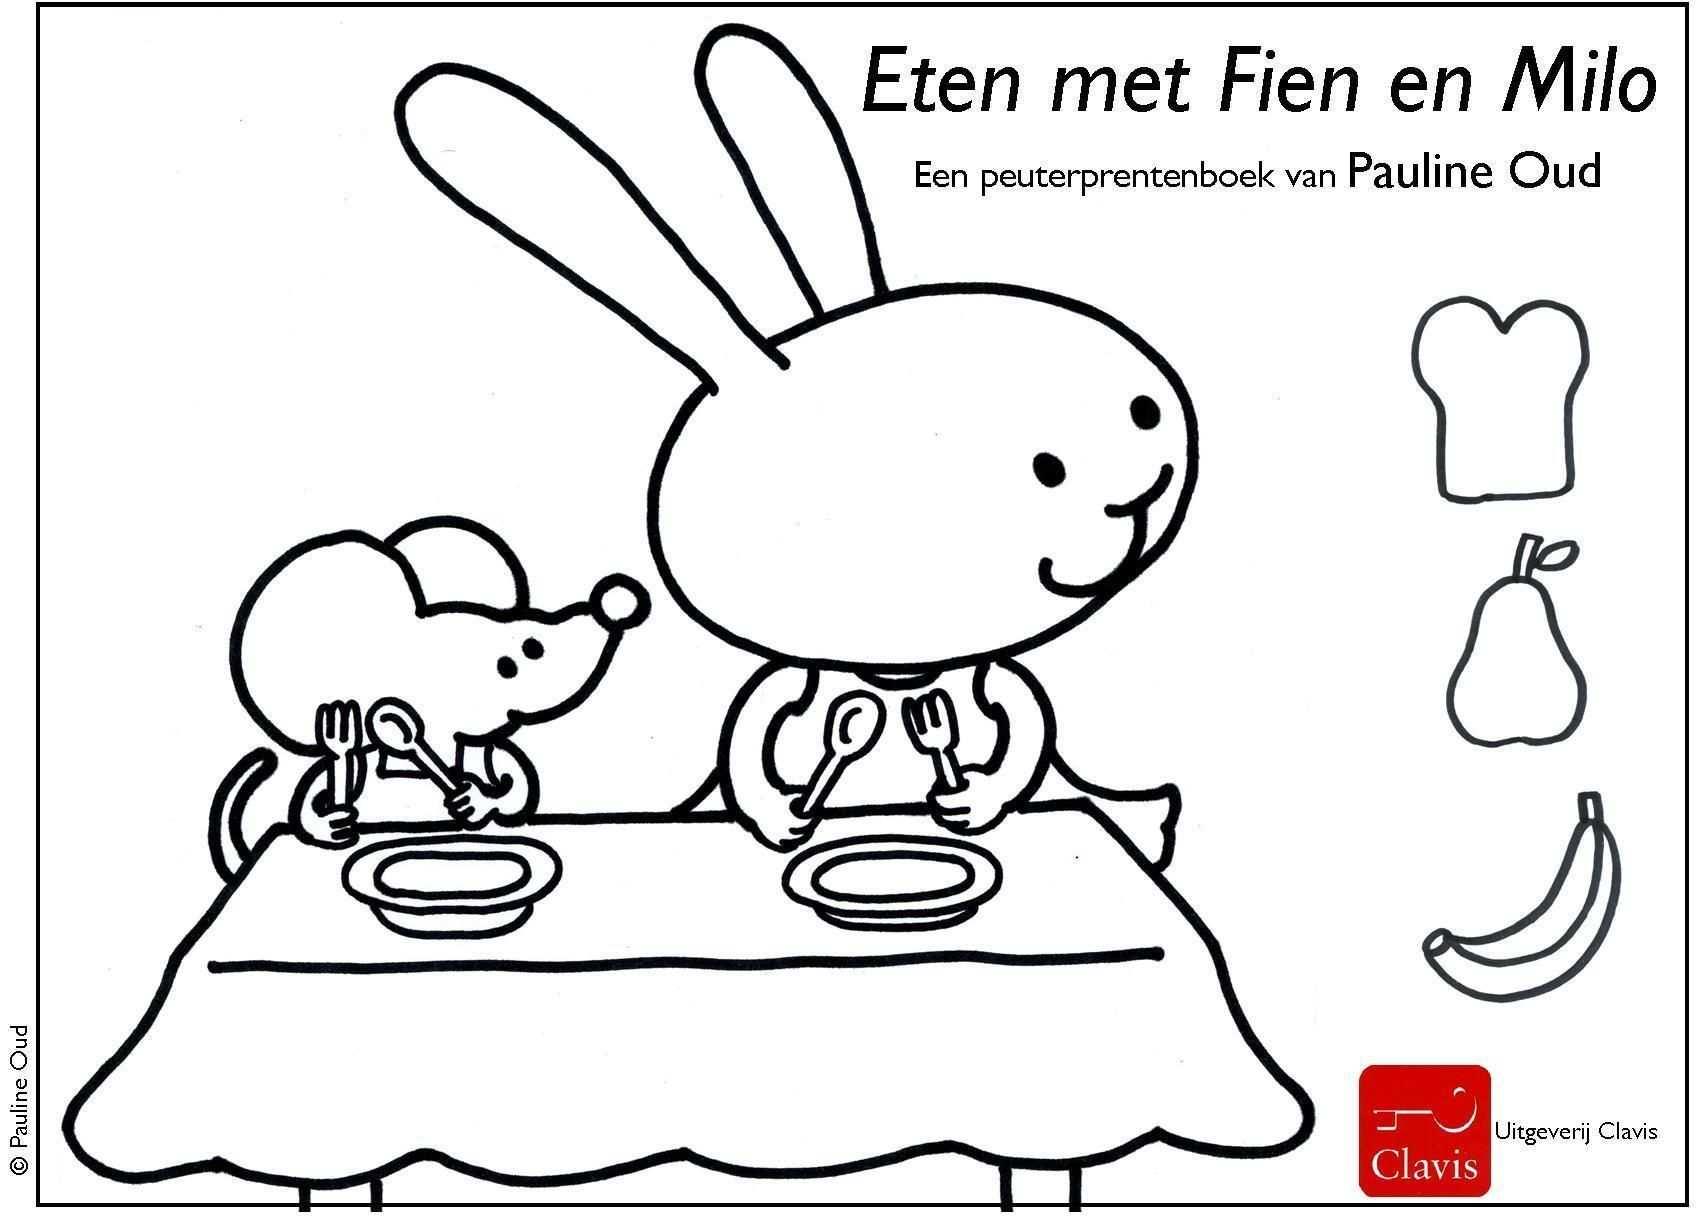 Kleurplaat Eten Met Fien En Milo Pauline Oud Illustraties